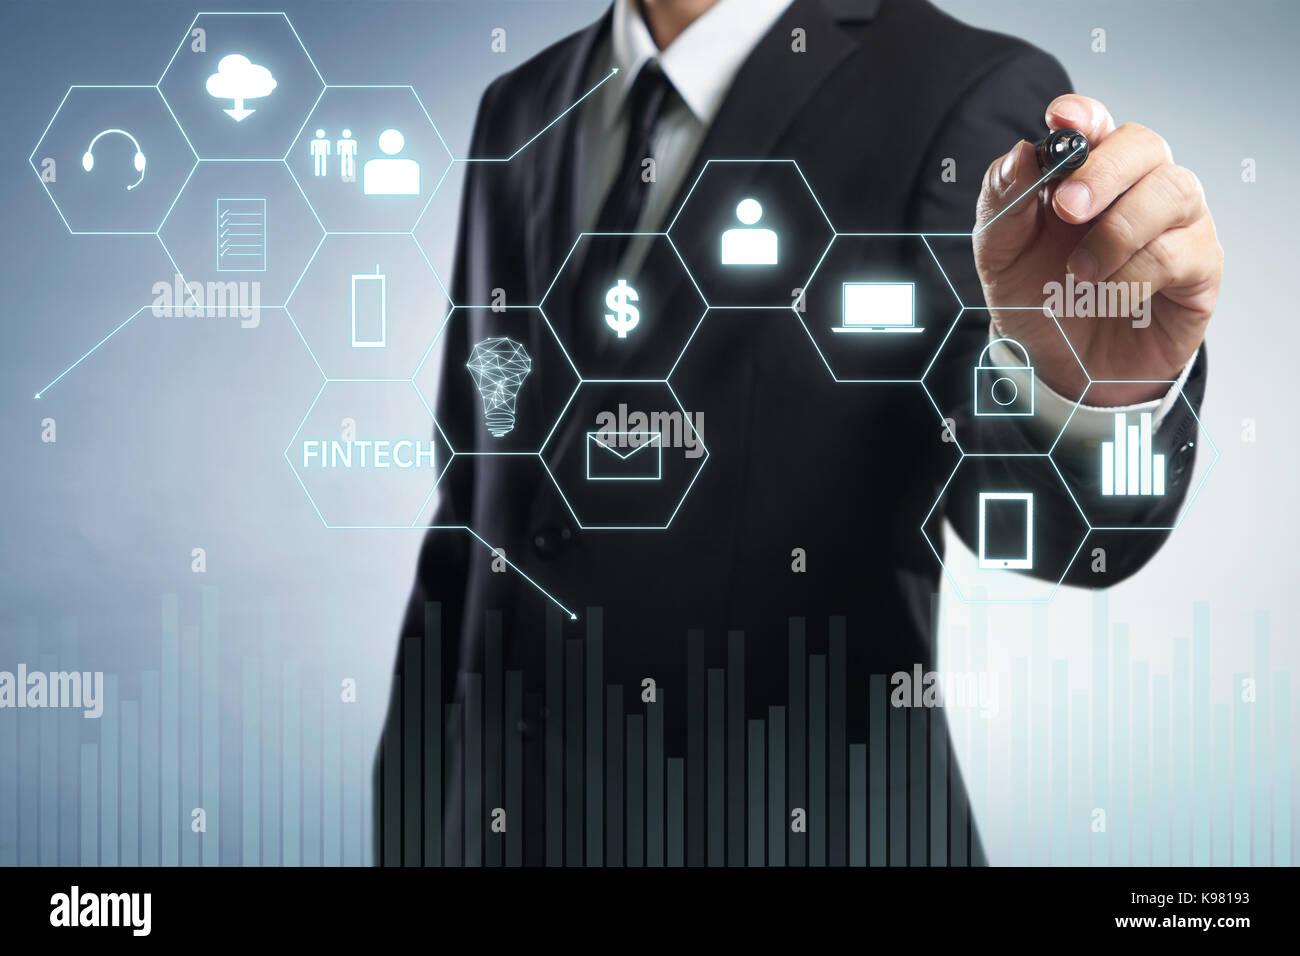 Businessman appeler 'fintech' mot sur l'écran virtuel numérique . hi-tech concept d'affaires Photo Stock